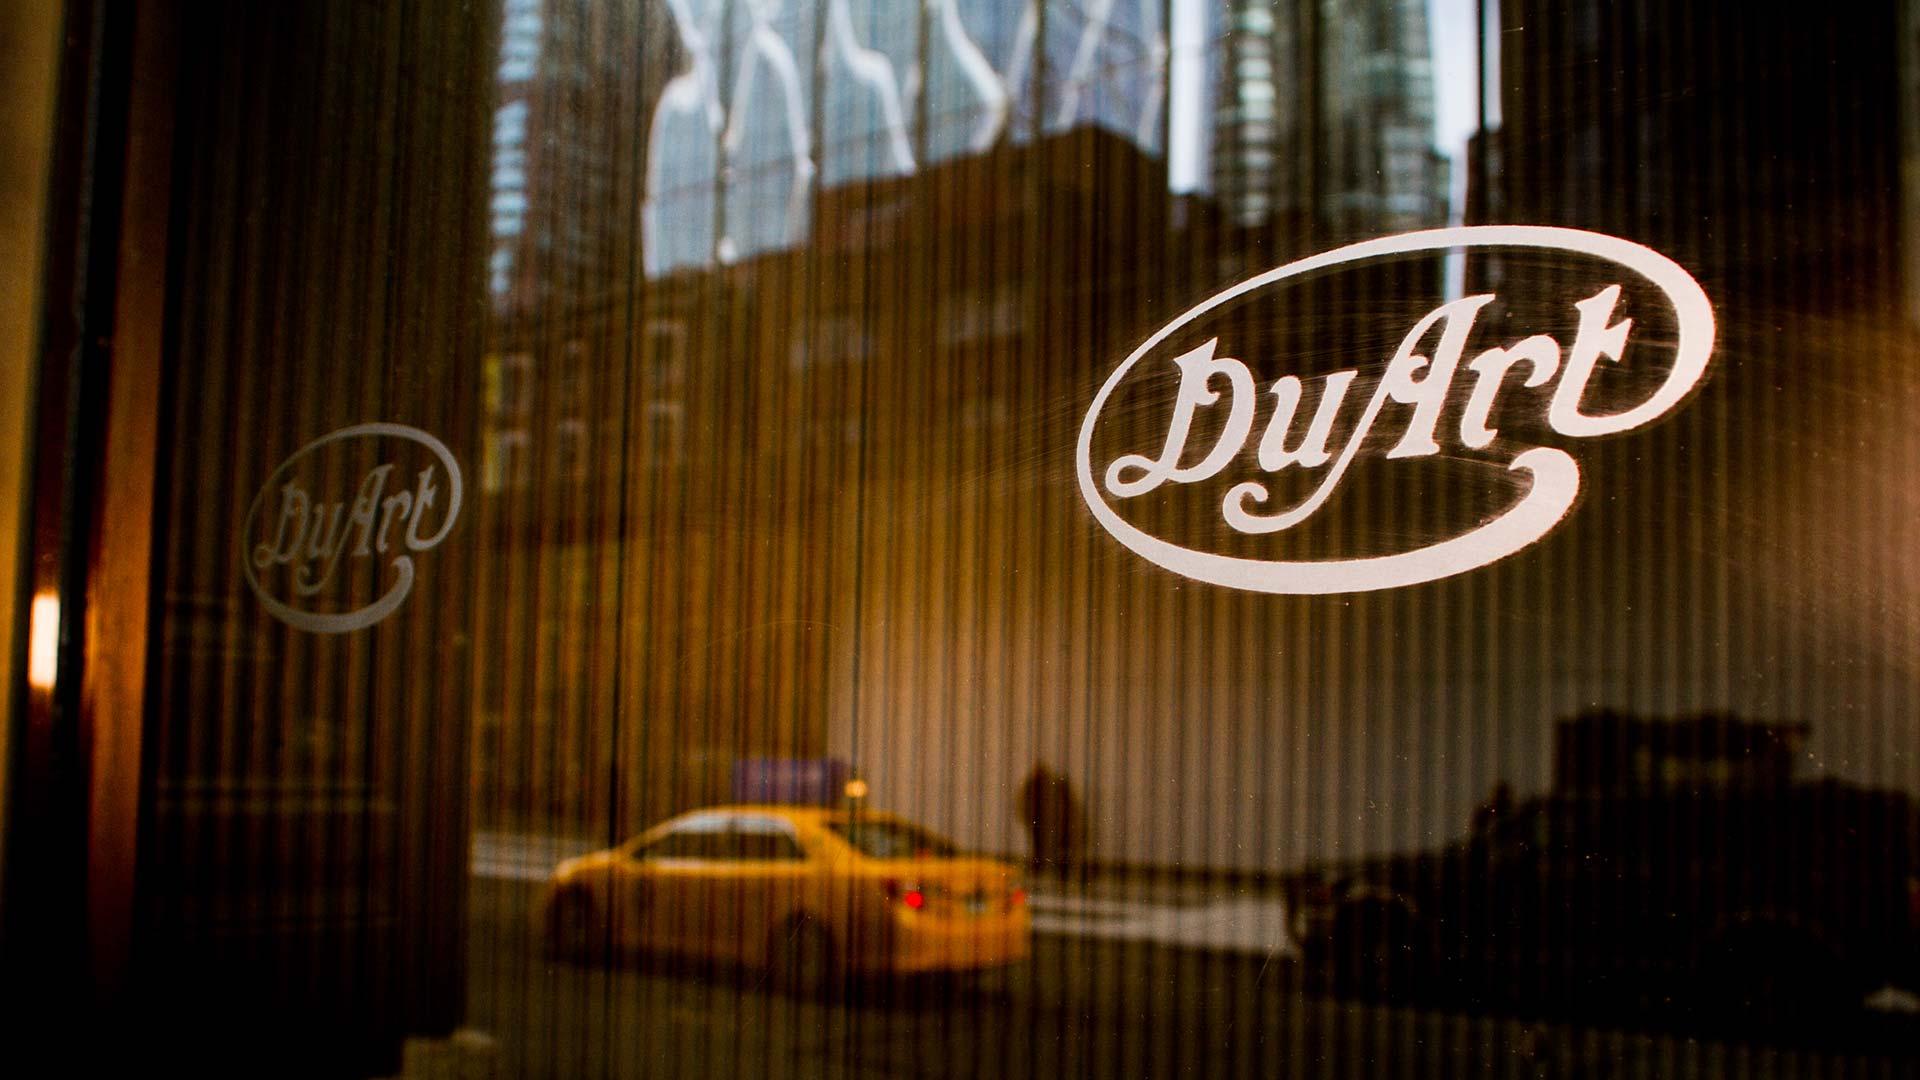 The DuArt building. Image: DuArt Media Services.